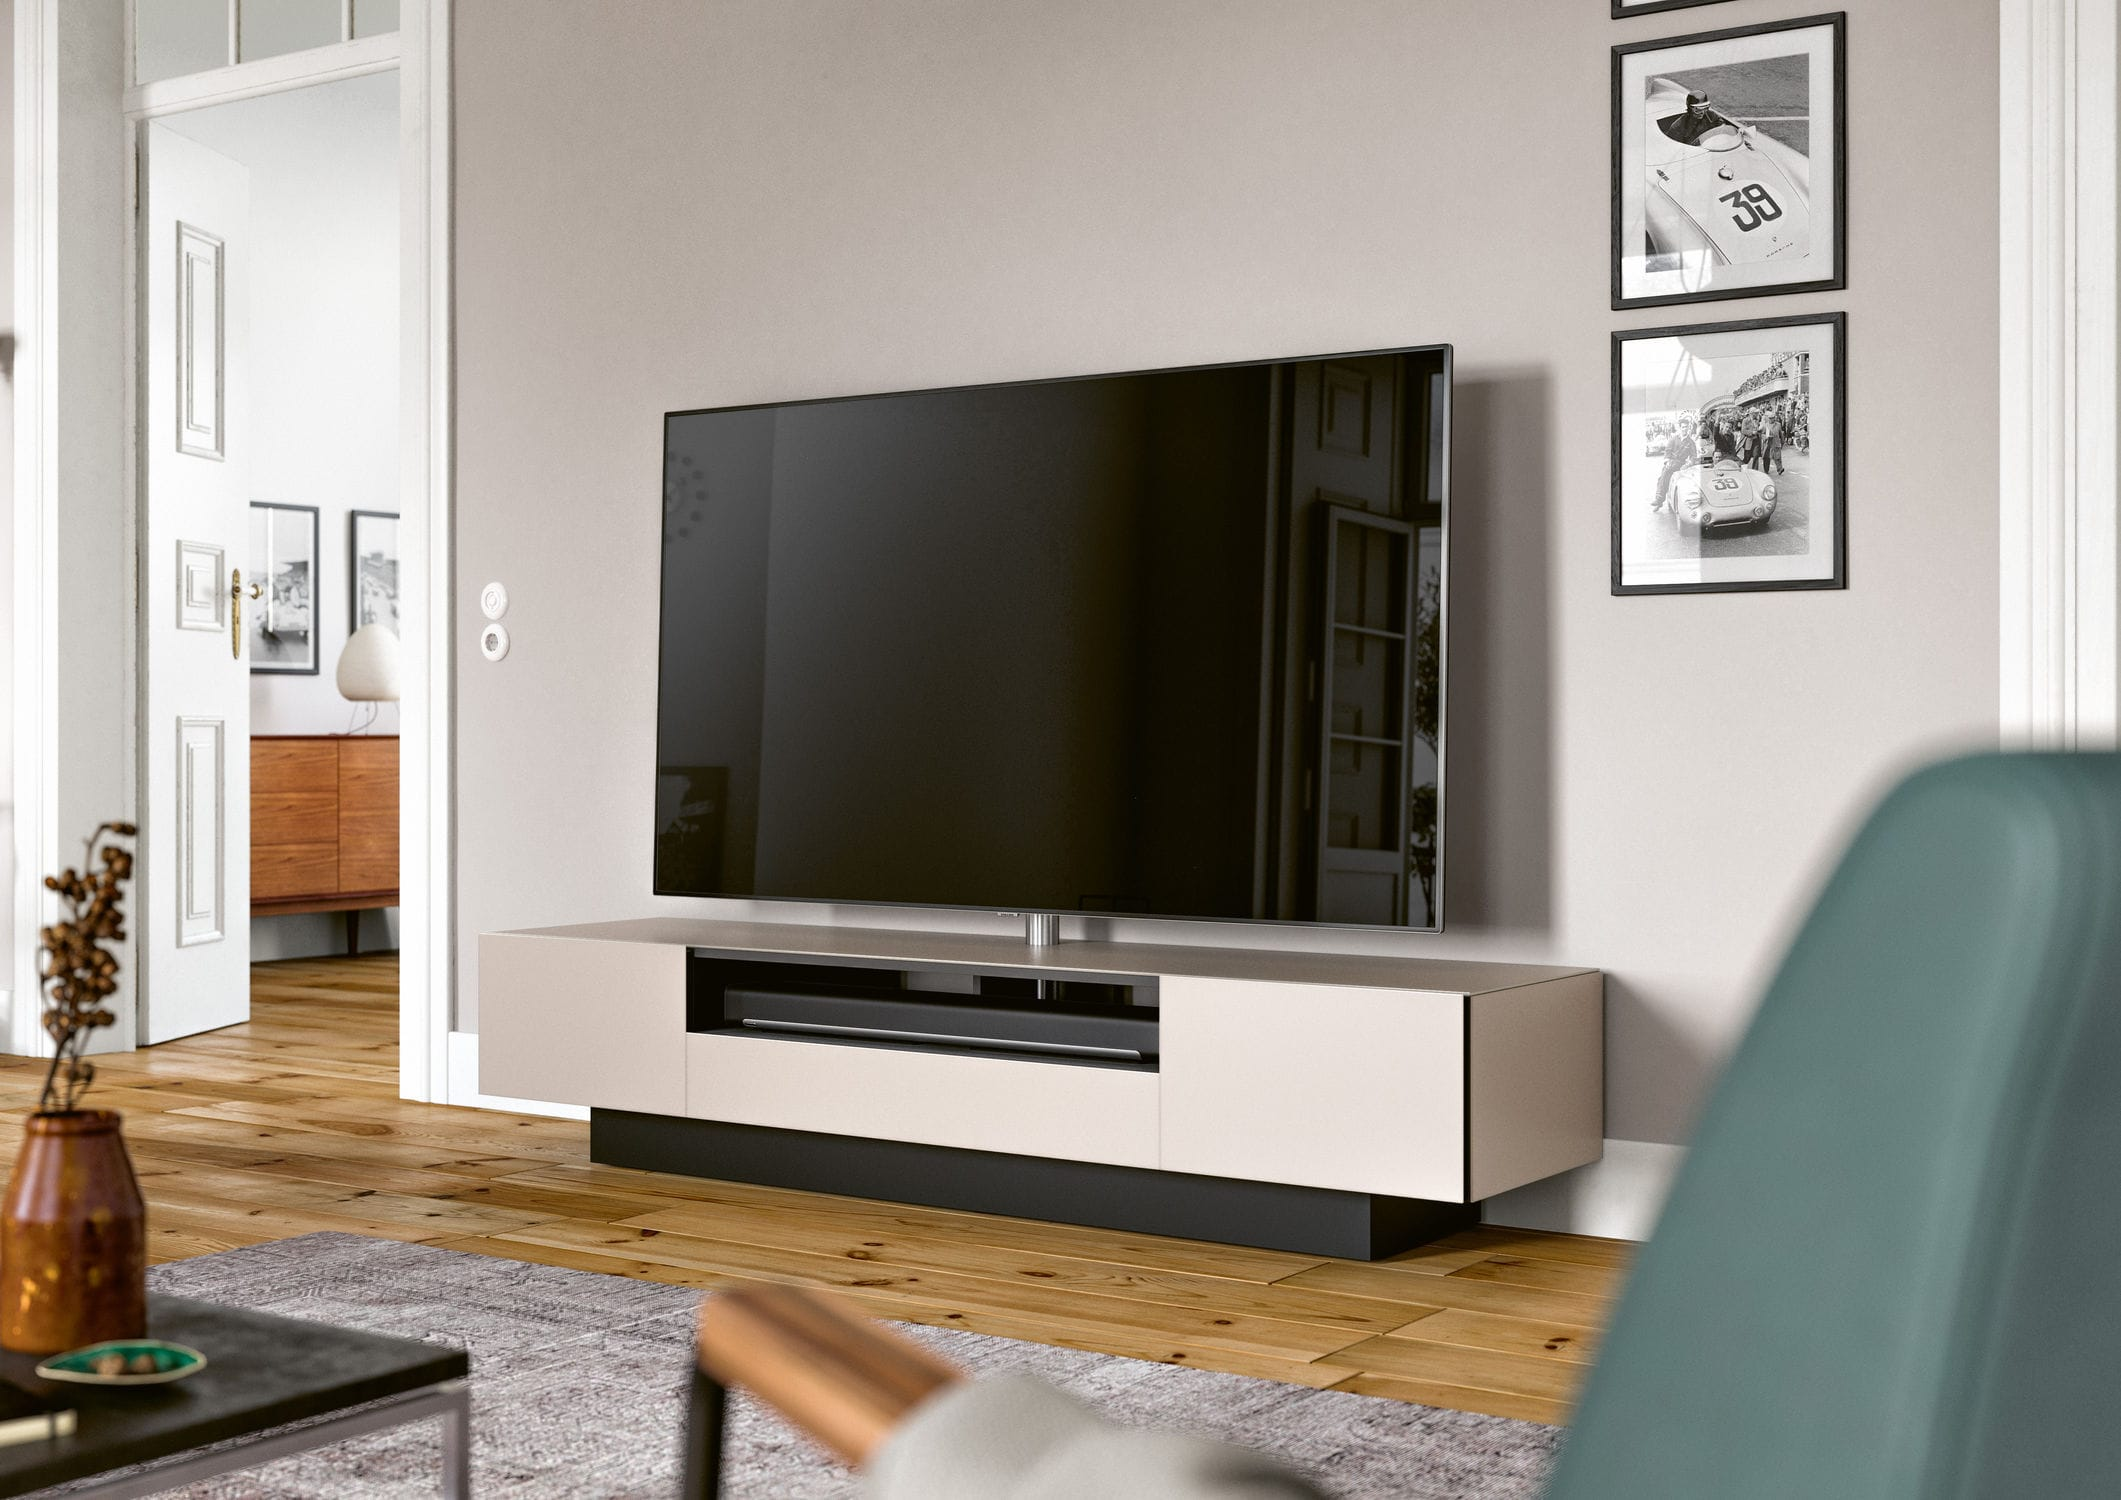 Meuble Tv Hifi Intégré meuble tv contemporain / avec enceinte intégrée / en verre